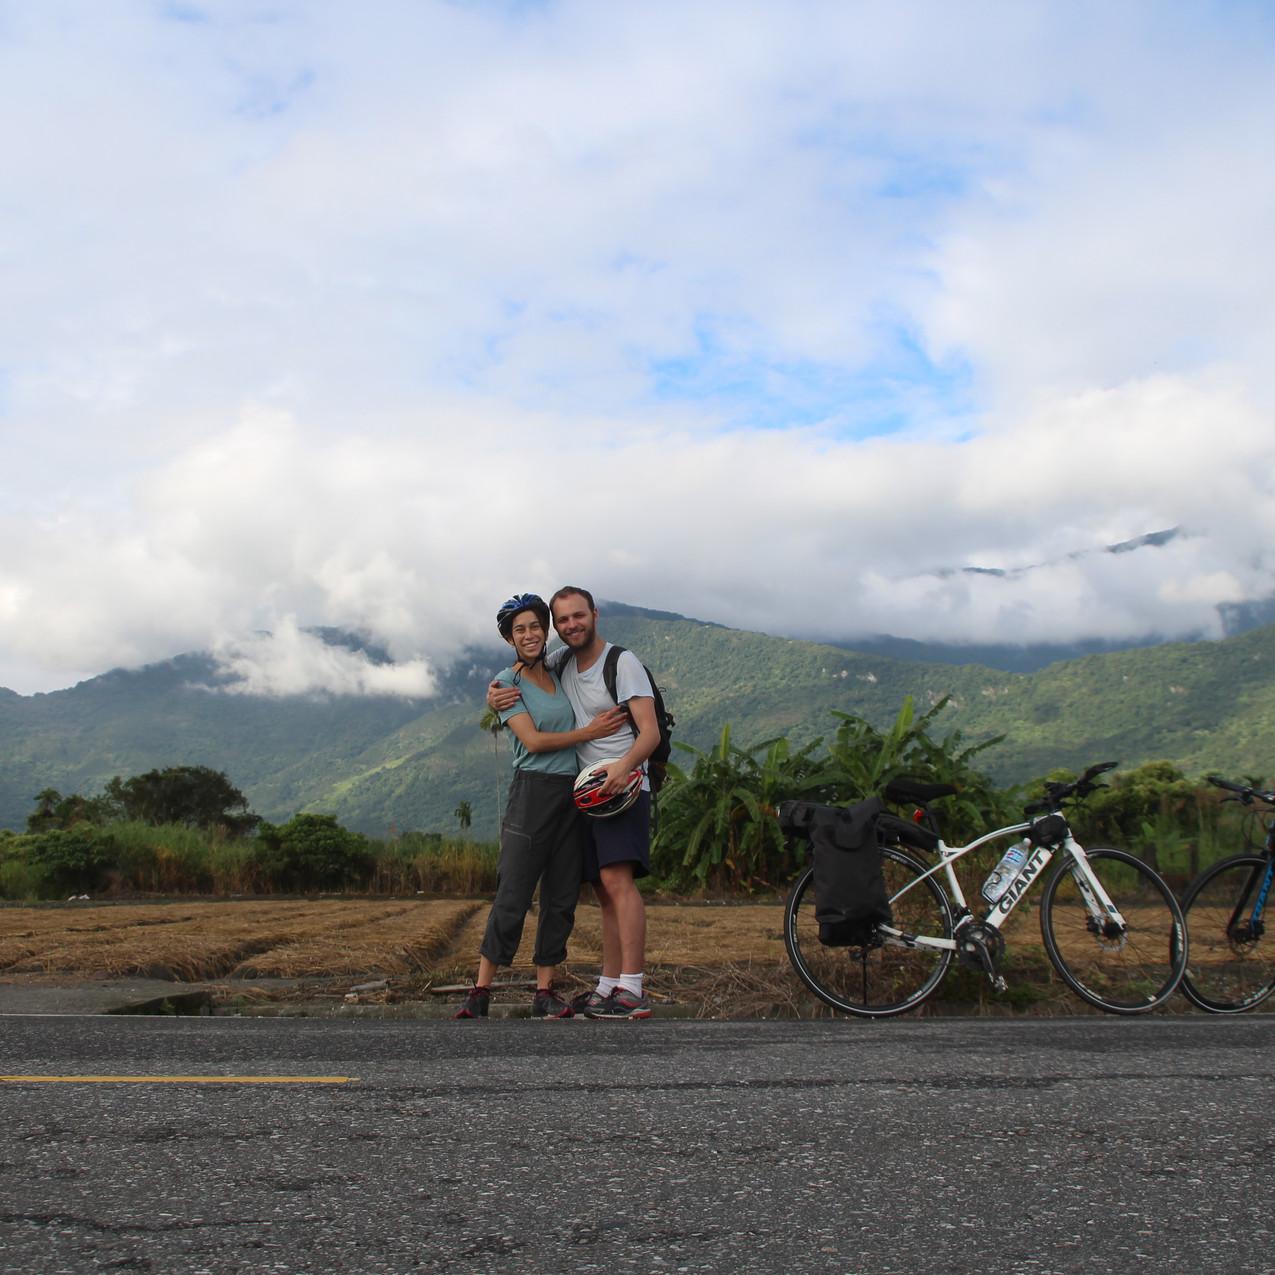 איתי וירדן במהלך טיול האופניים בטייוואן